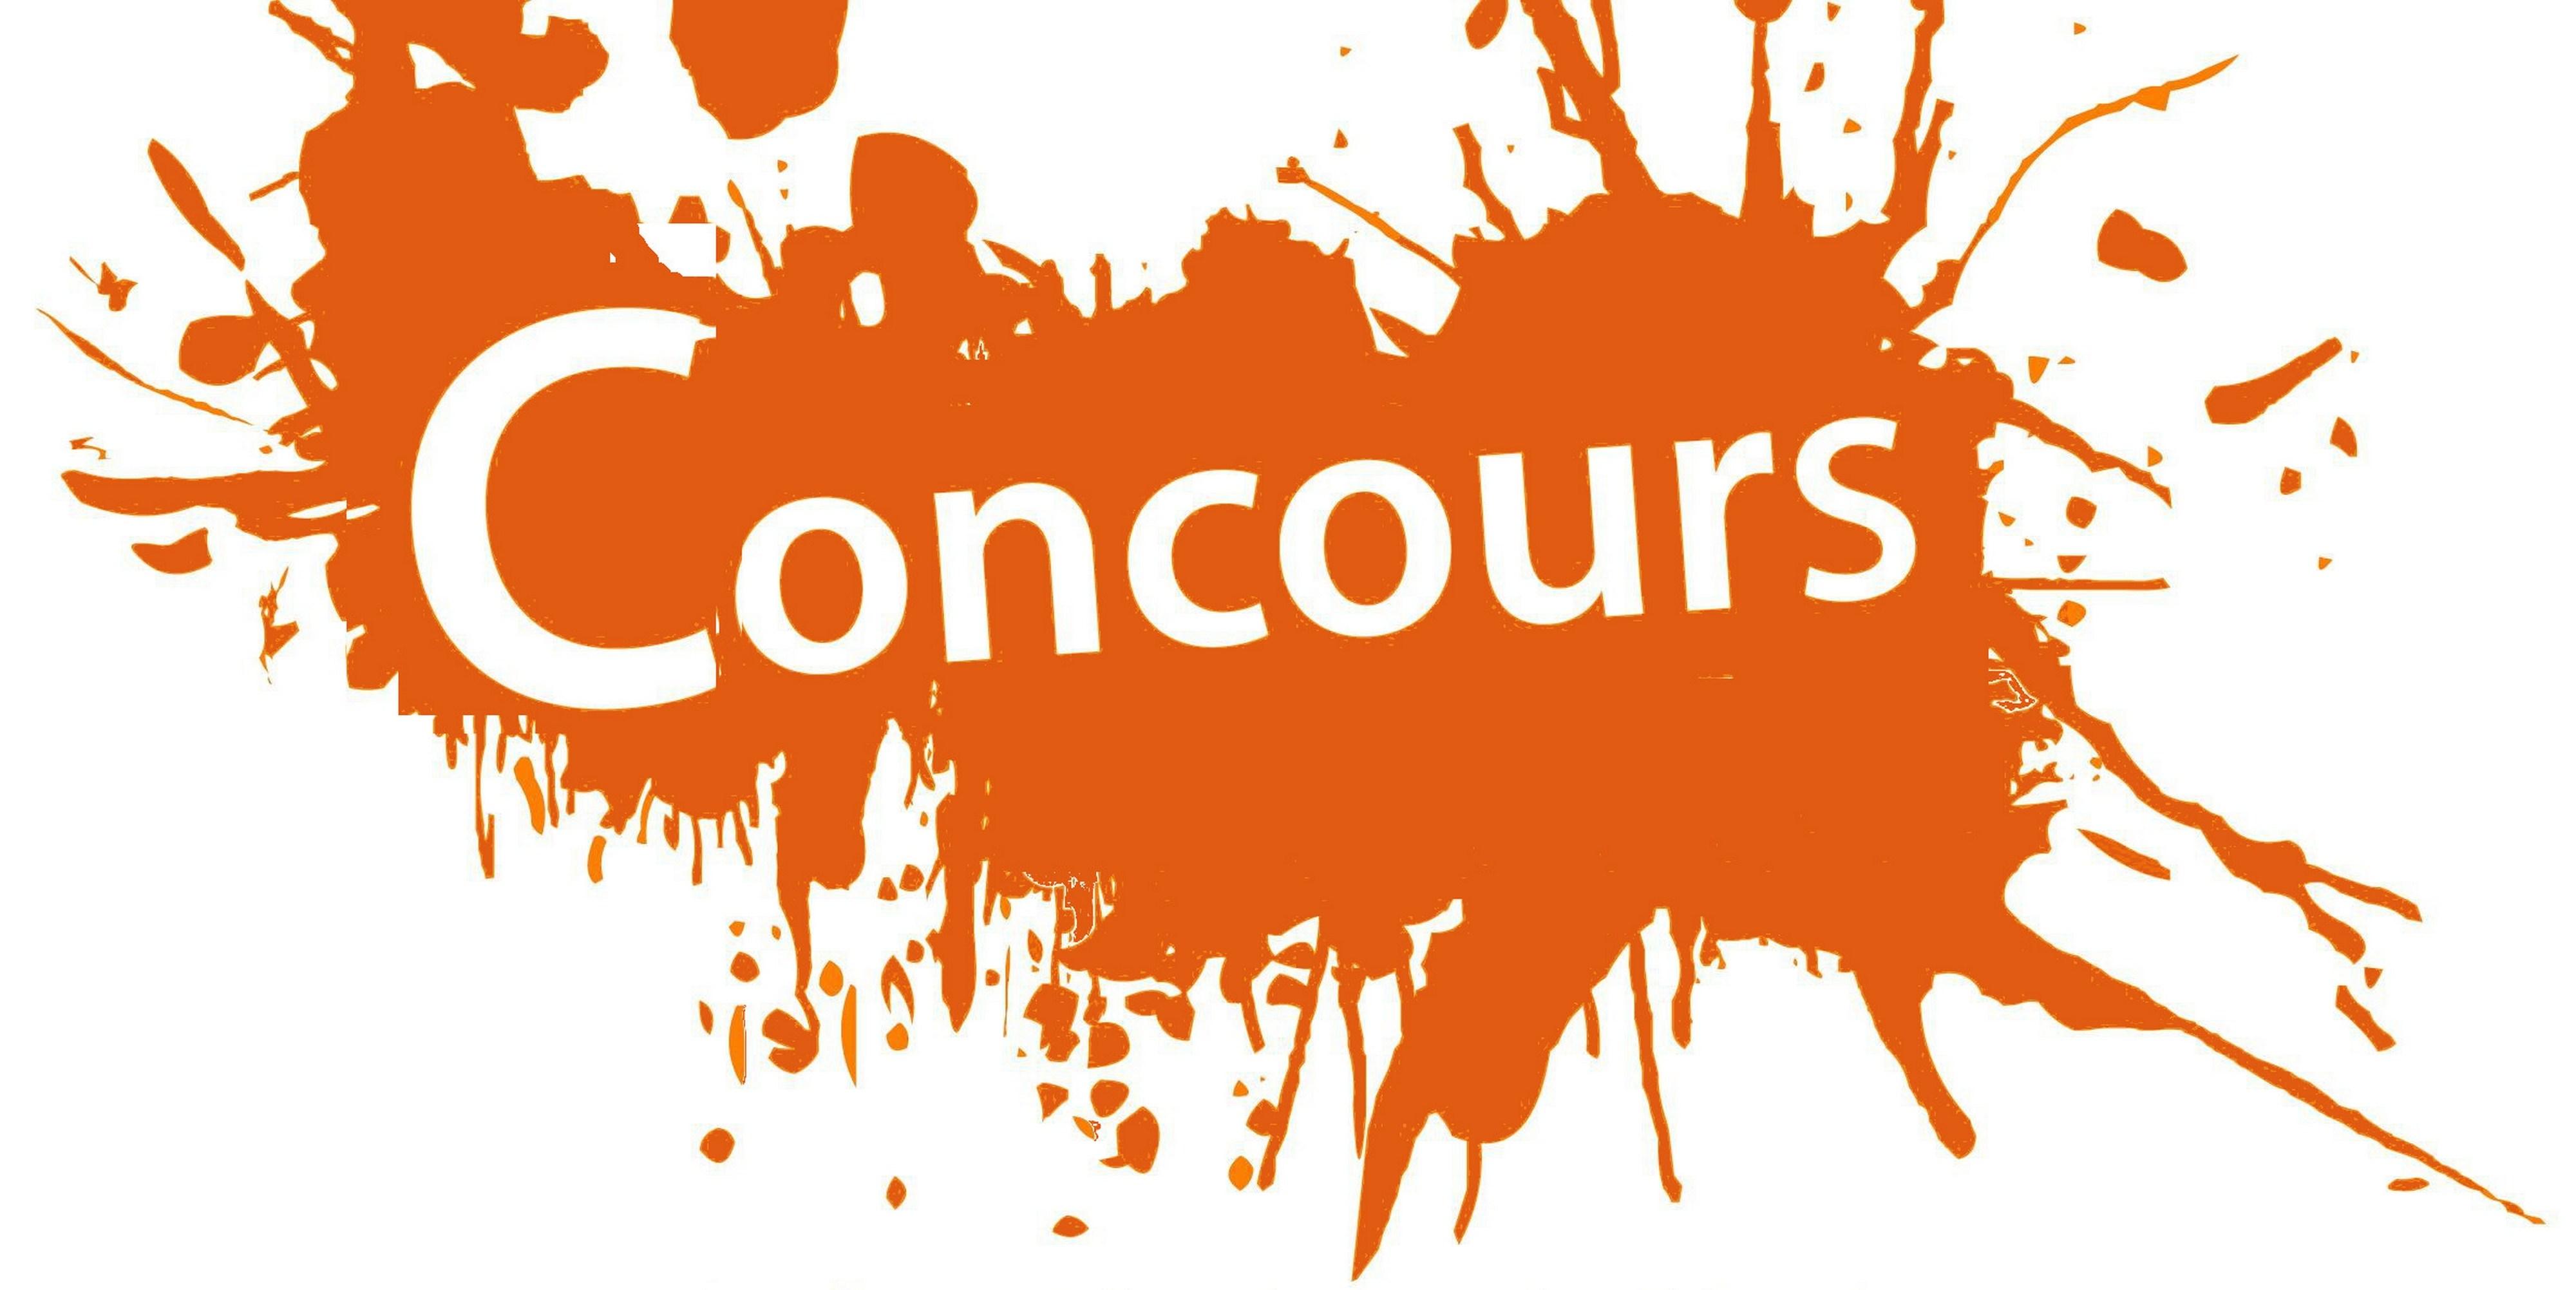 Concours Wawa Magazine : Comment participer ?